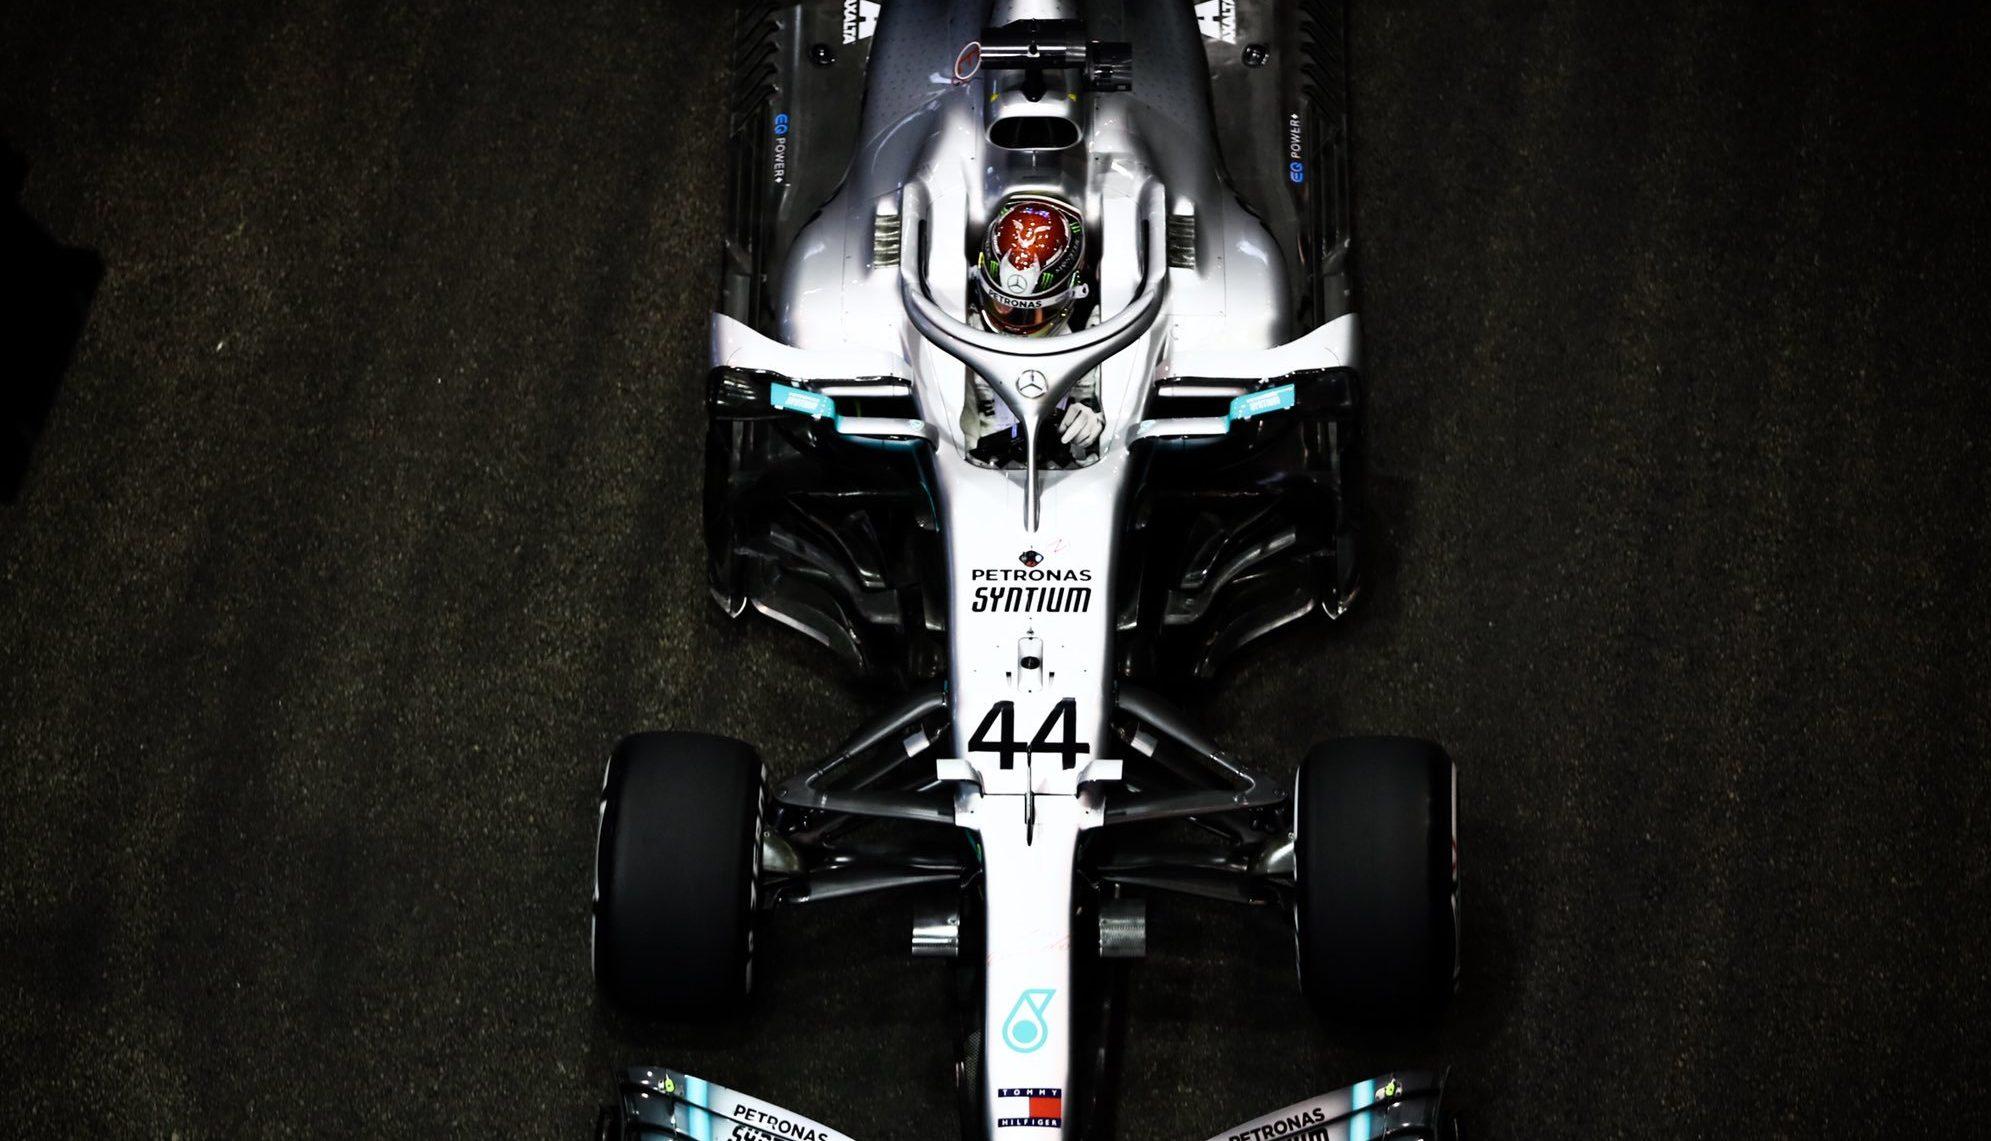 Singapour, EL2 : Hamilton devance Verstappen d'un dixième 1